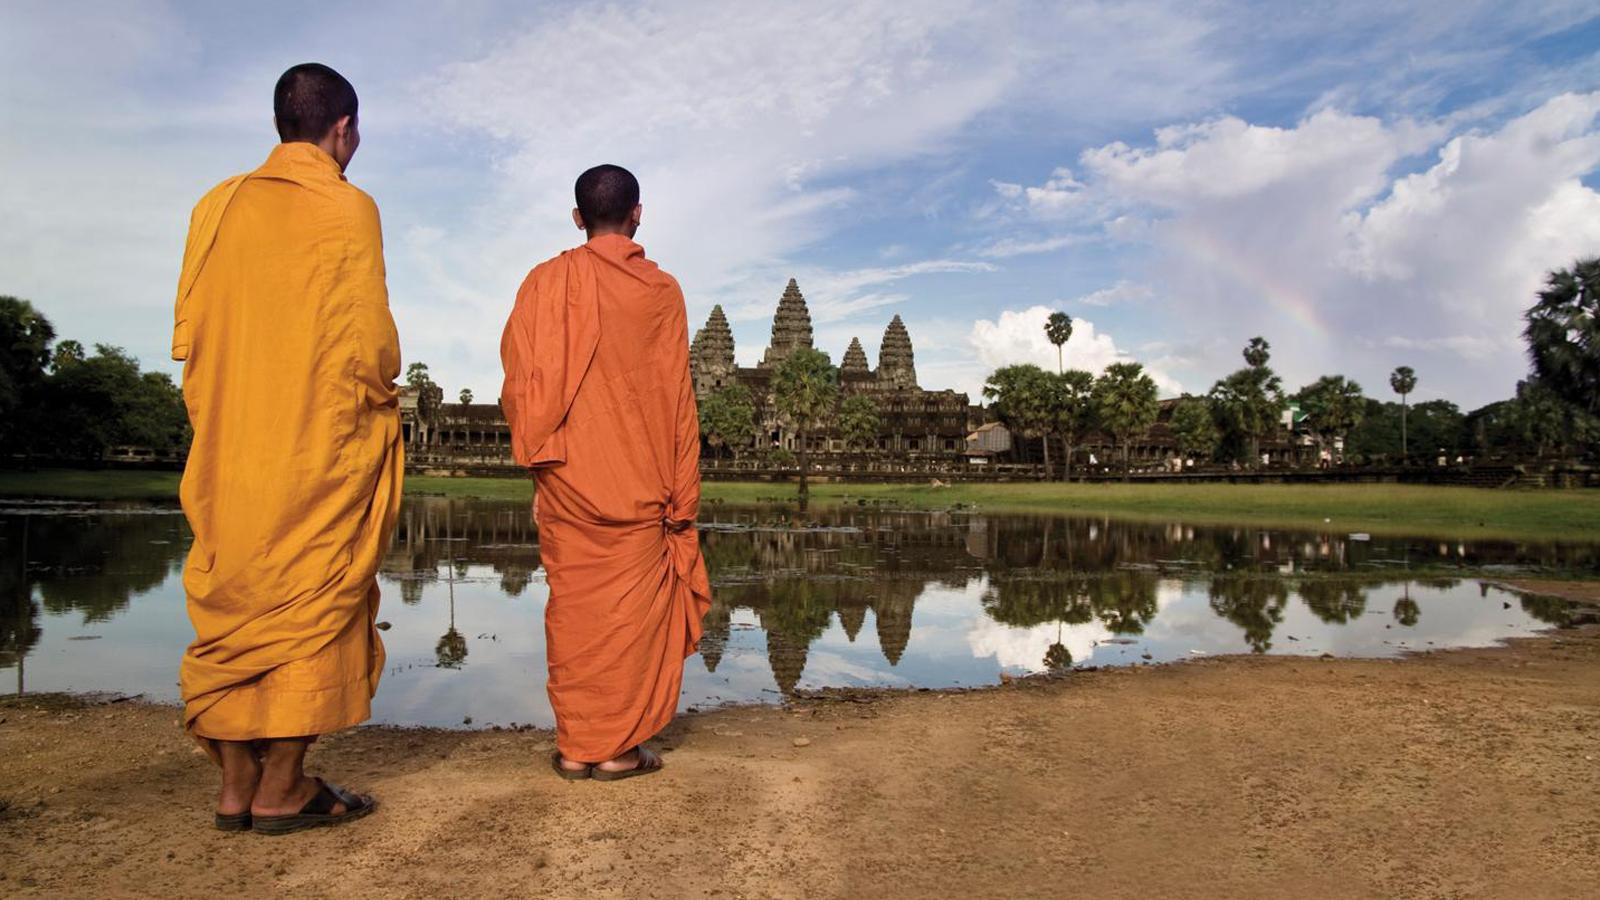 Große Südostasien Erlebnisreise Gruppenreise für junge Leute Tour traveljunkies